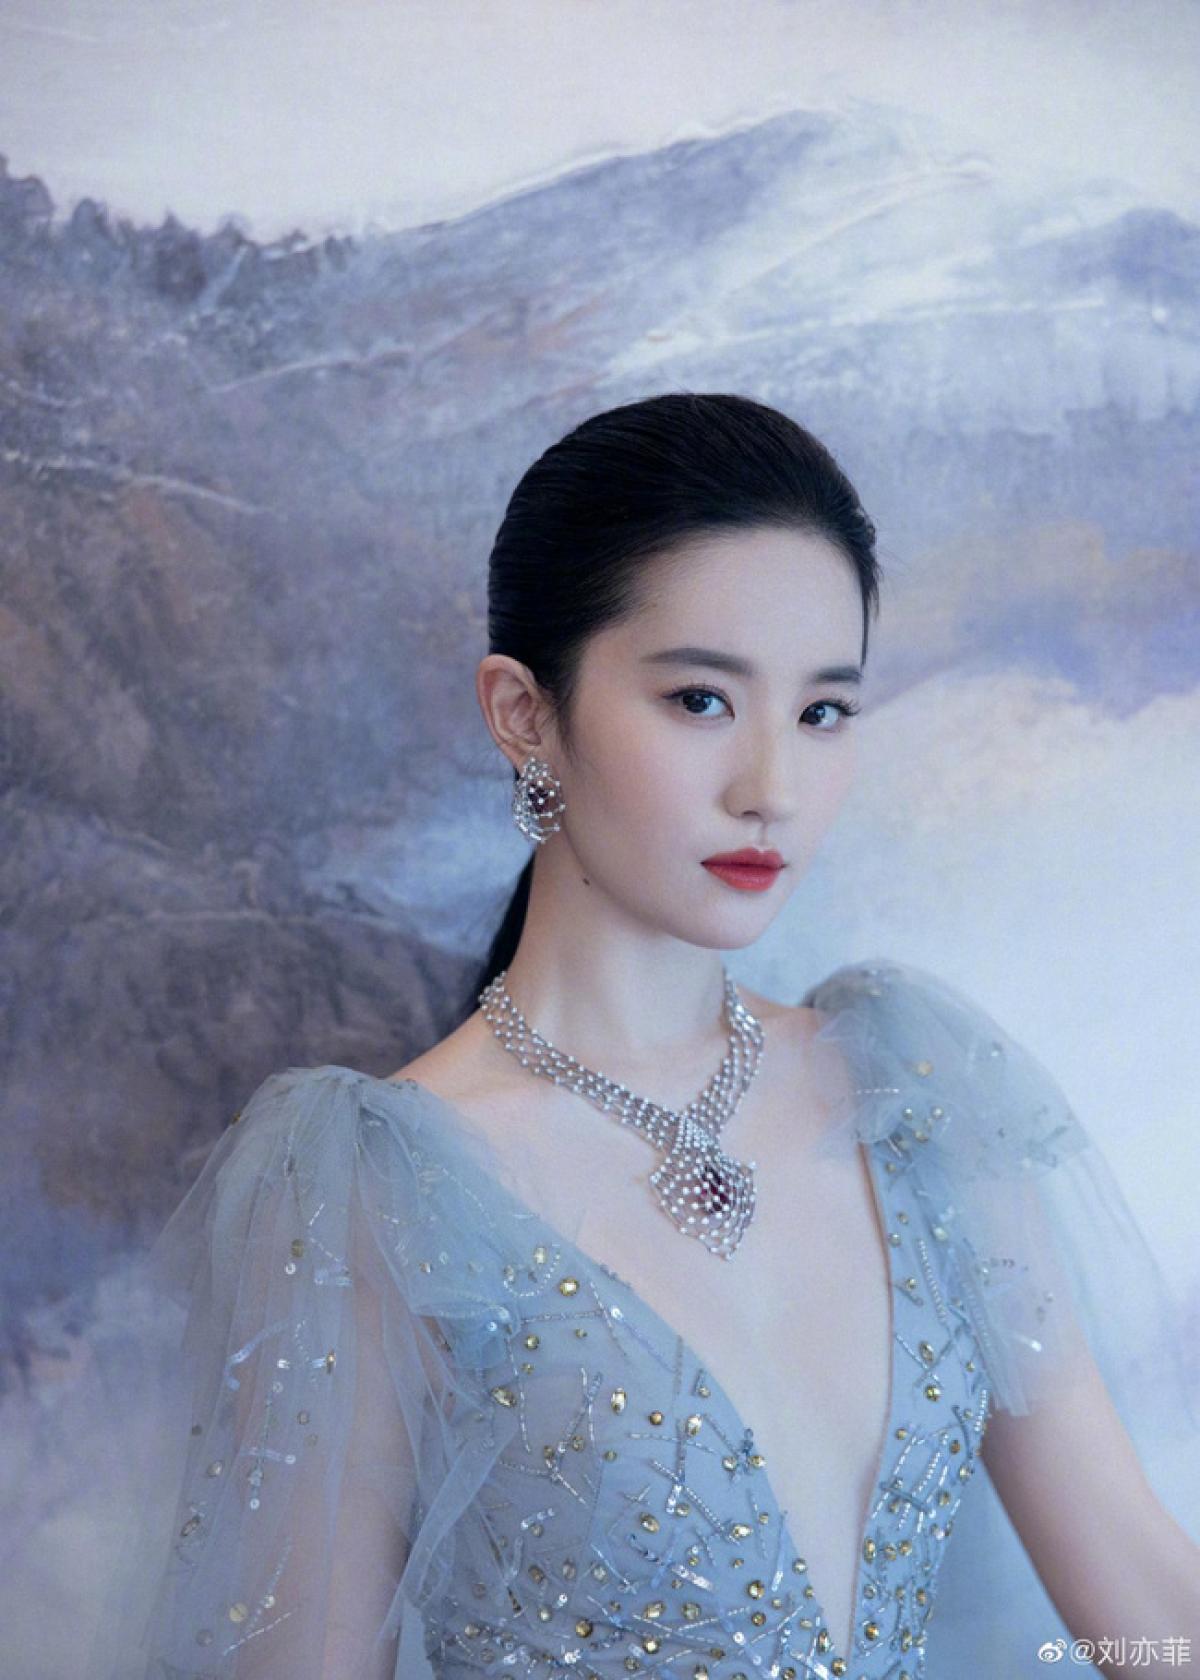 """Nữ diễn viên bom tấn """"Mulan"""" thu hút mọi ánh nhìnvới hình ảnh dịu dàng, thuần khiết nhưng cũng vô cùng quyến rũ."""